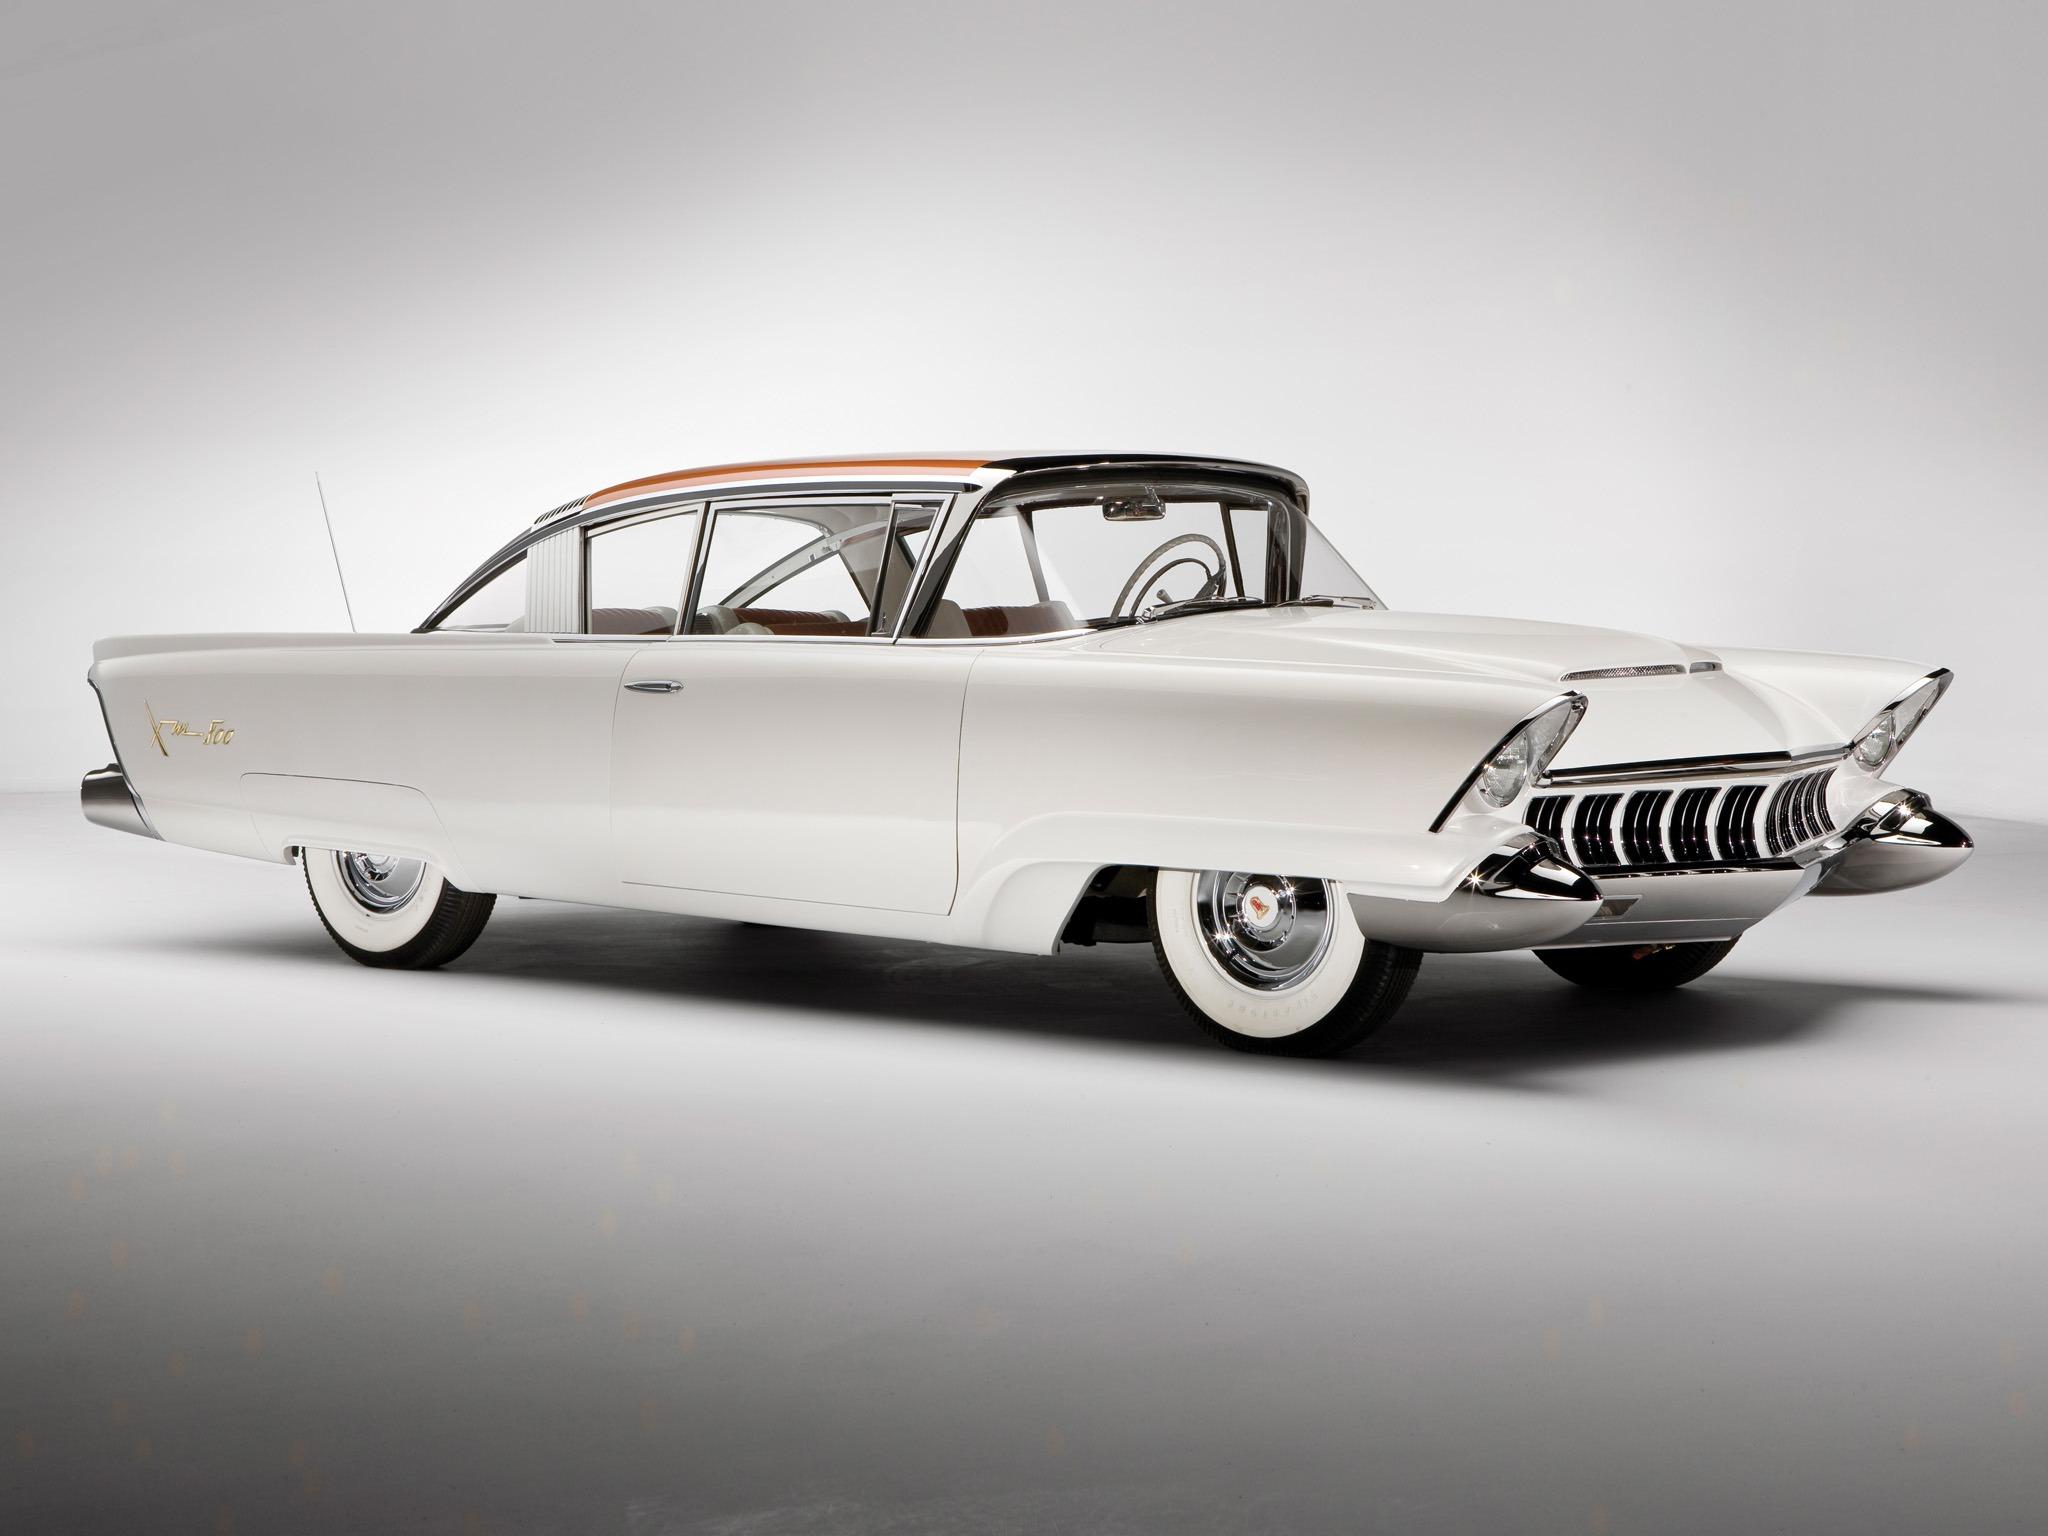 Mercury Monterey Xm 800 Concept Car 1954 Old Concept Cars